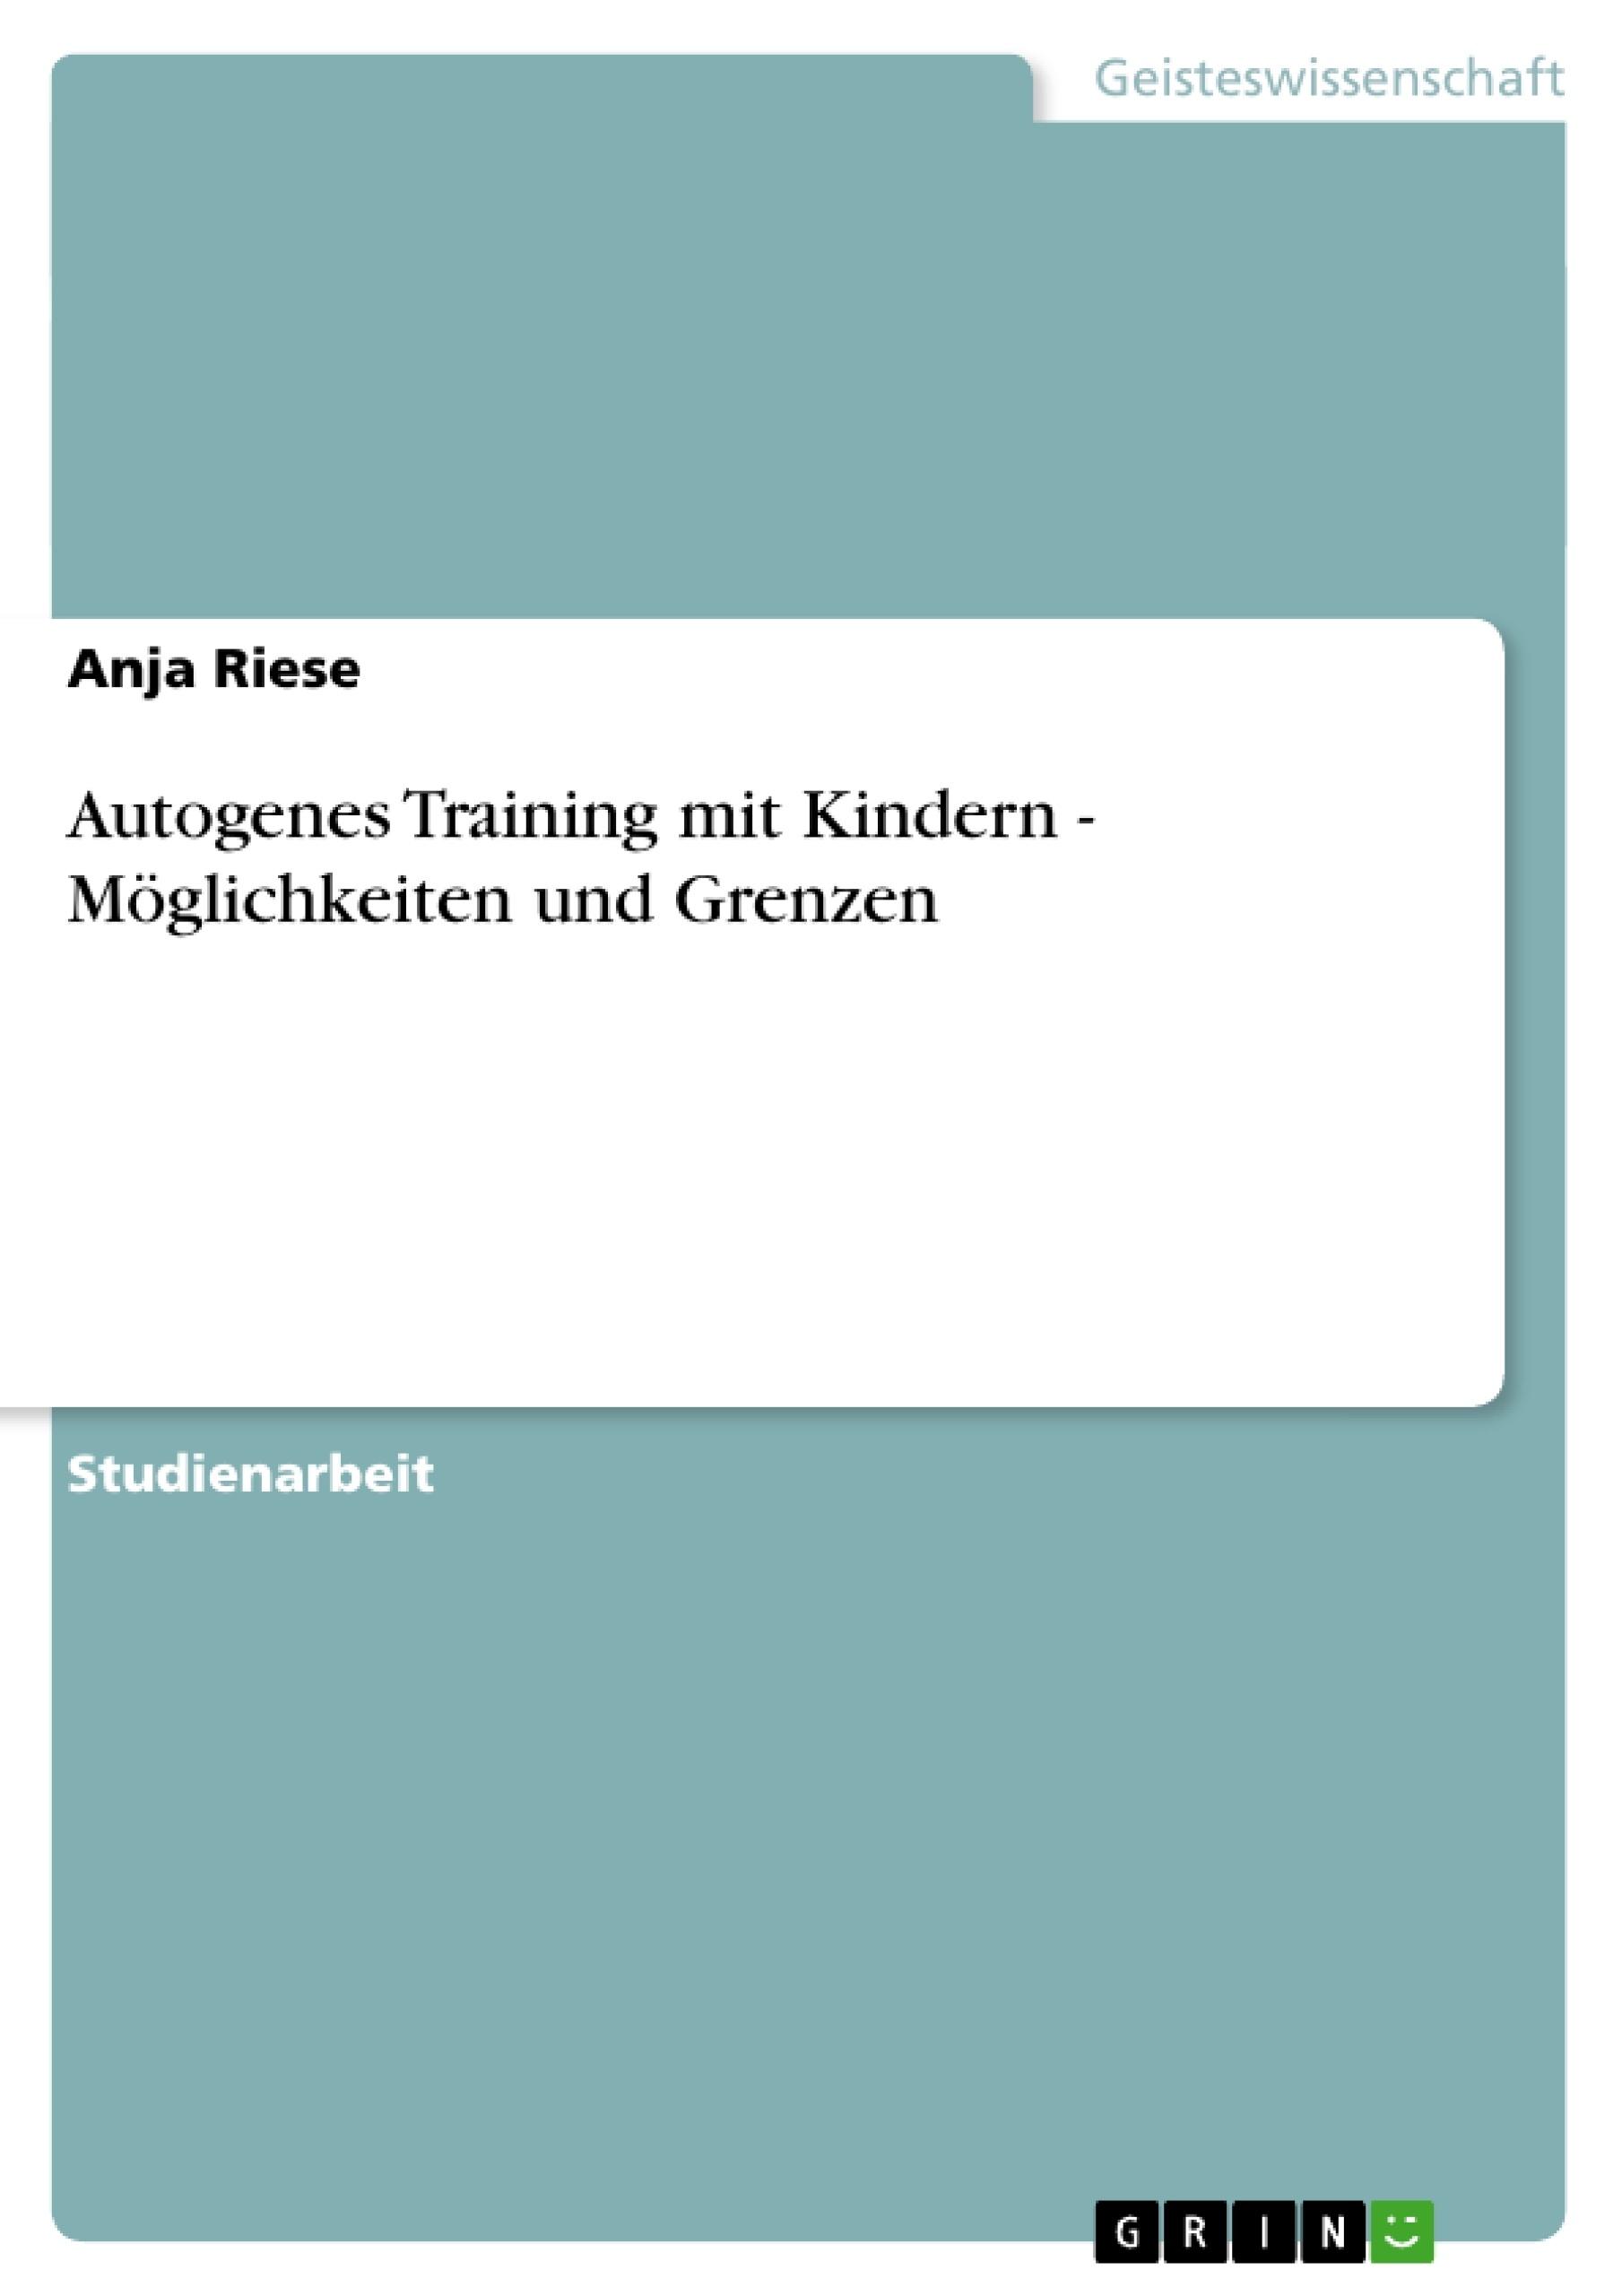 Titel: Autogenes Training mit Kindern - Möglichkeiten und Grenzen